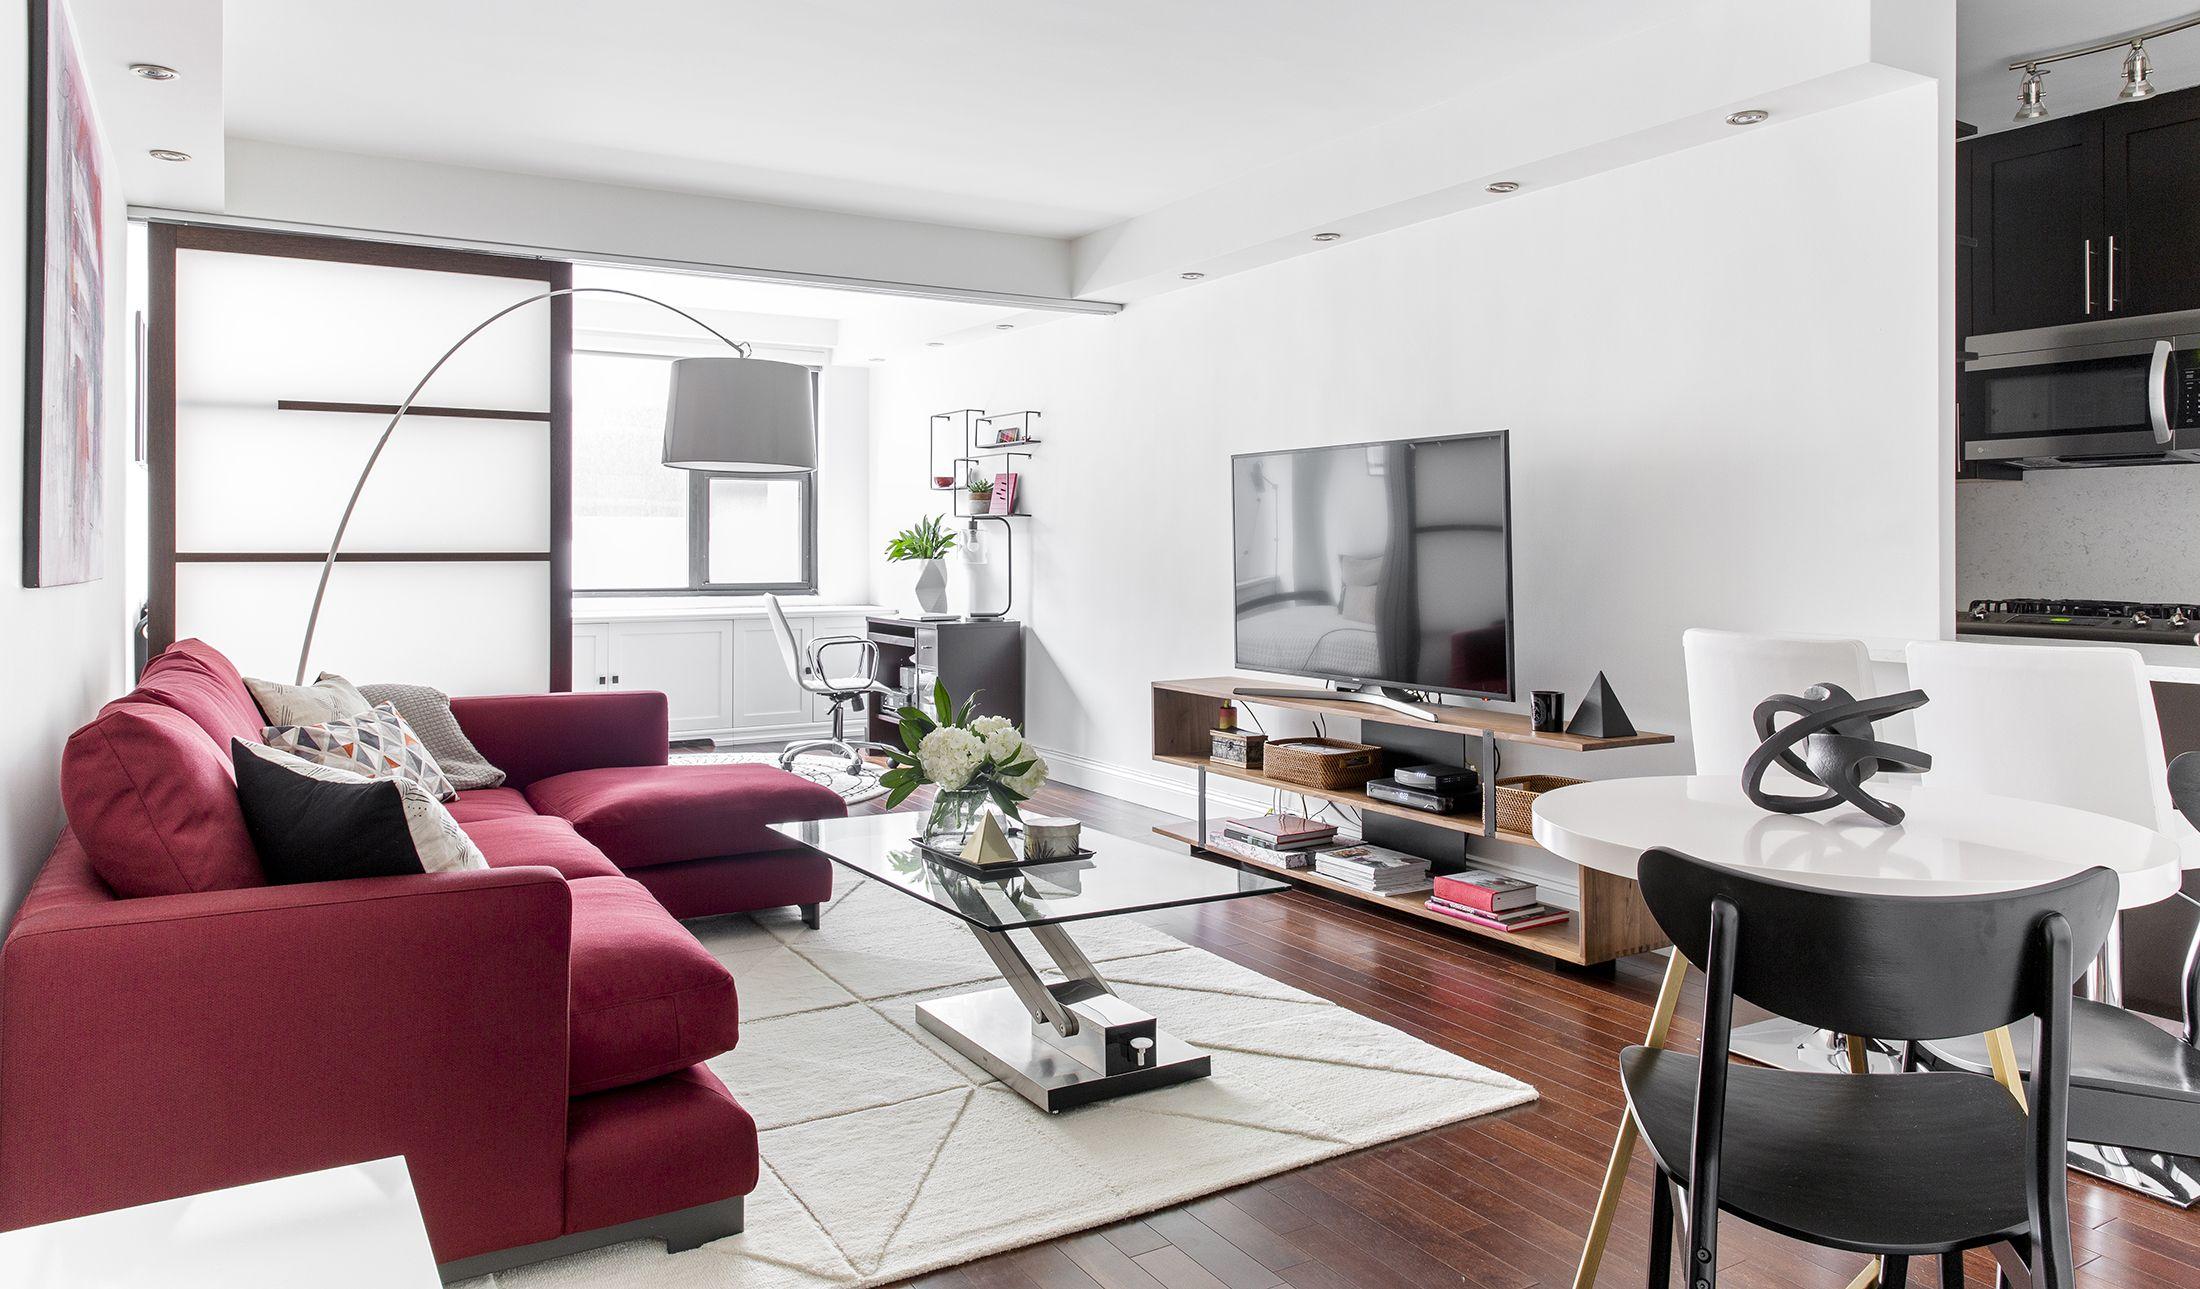 Minimal Apartment Interior Design Statement Piece Red Couch Decor Aid Apartment Interior Design Apartment Interior Luxury Apartment Interior Design